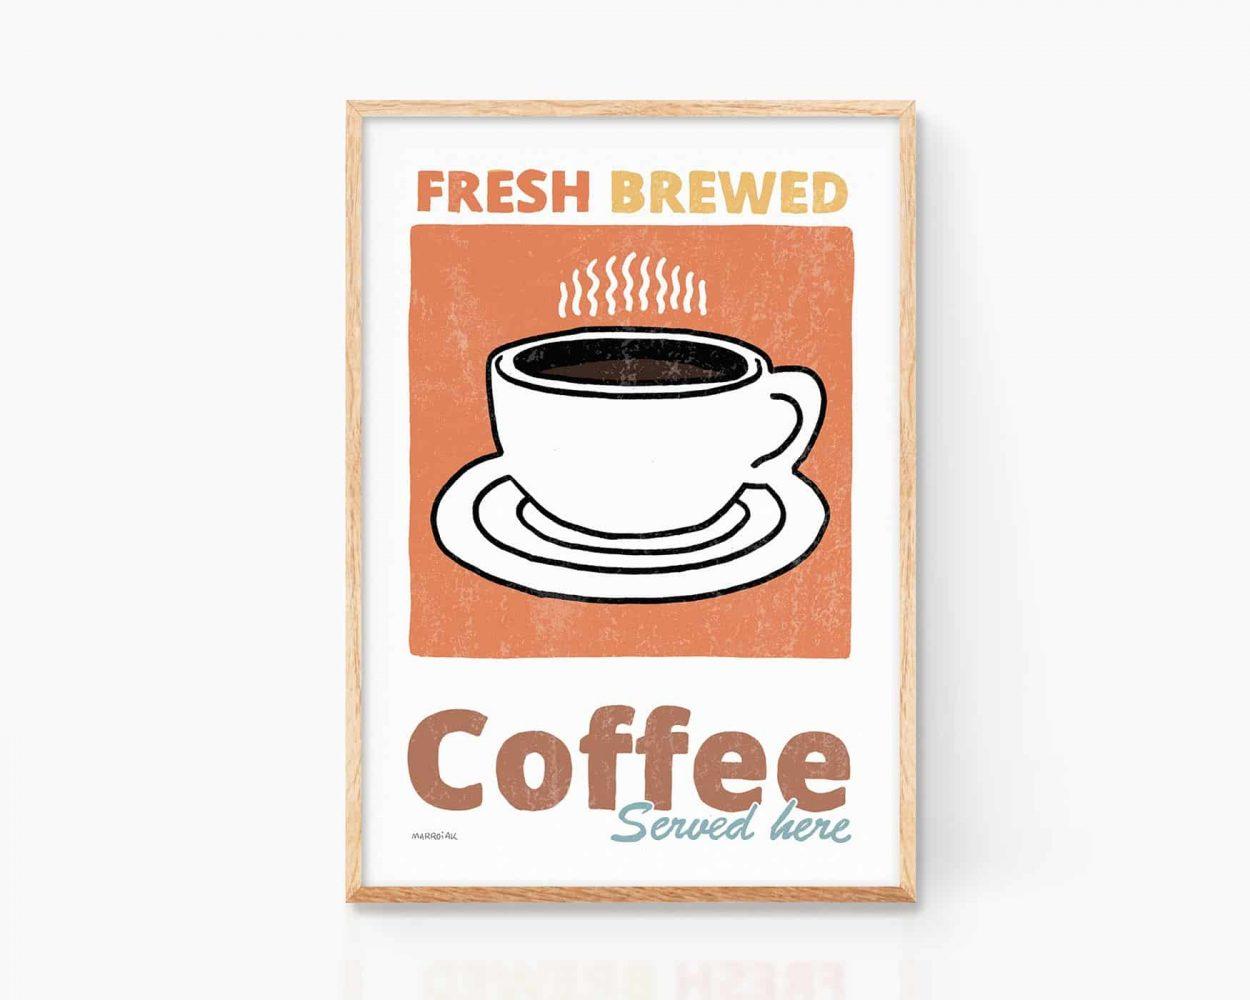 Ilustración de una taza de café para la decoración de una cocina. Pintura vintage. Dibujo simple